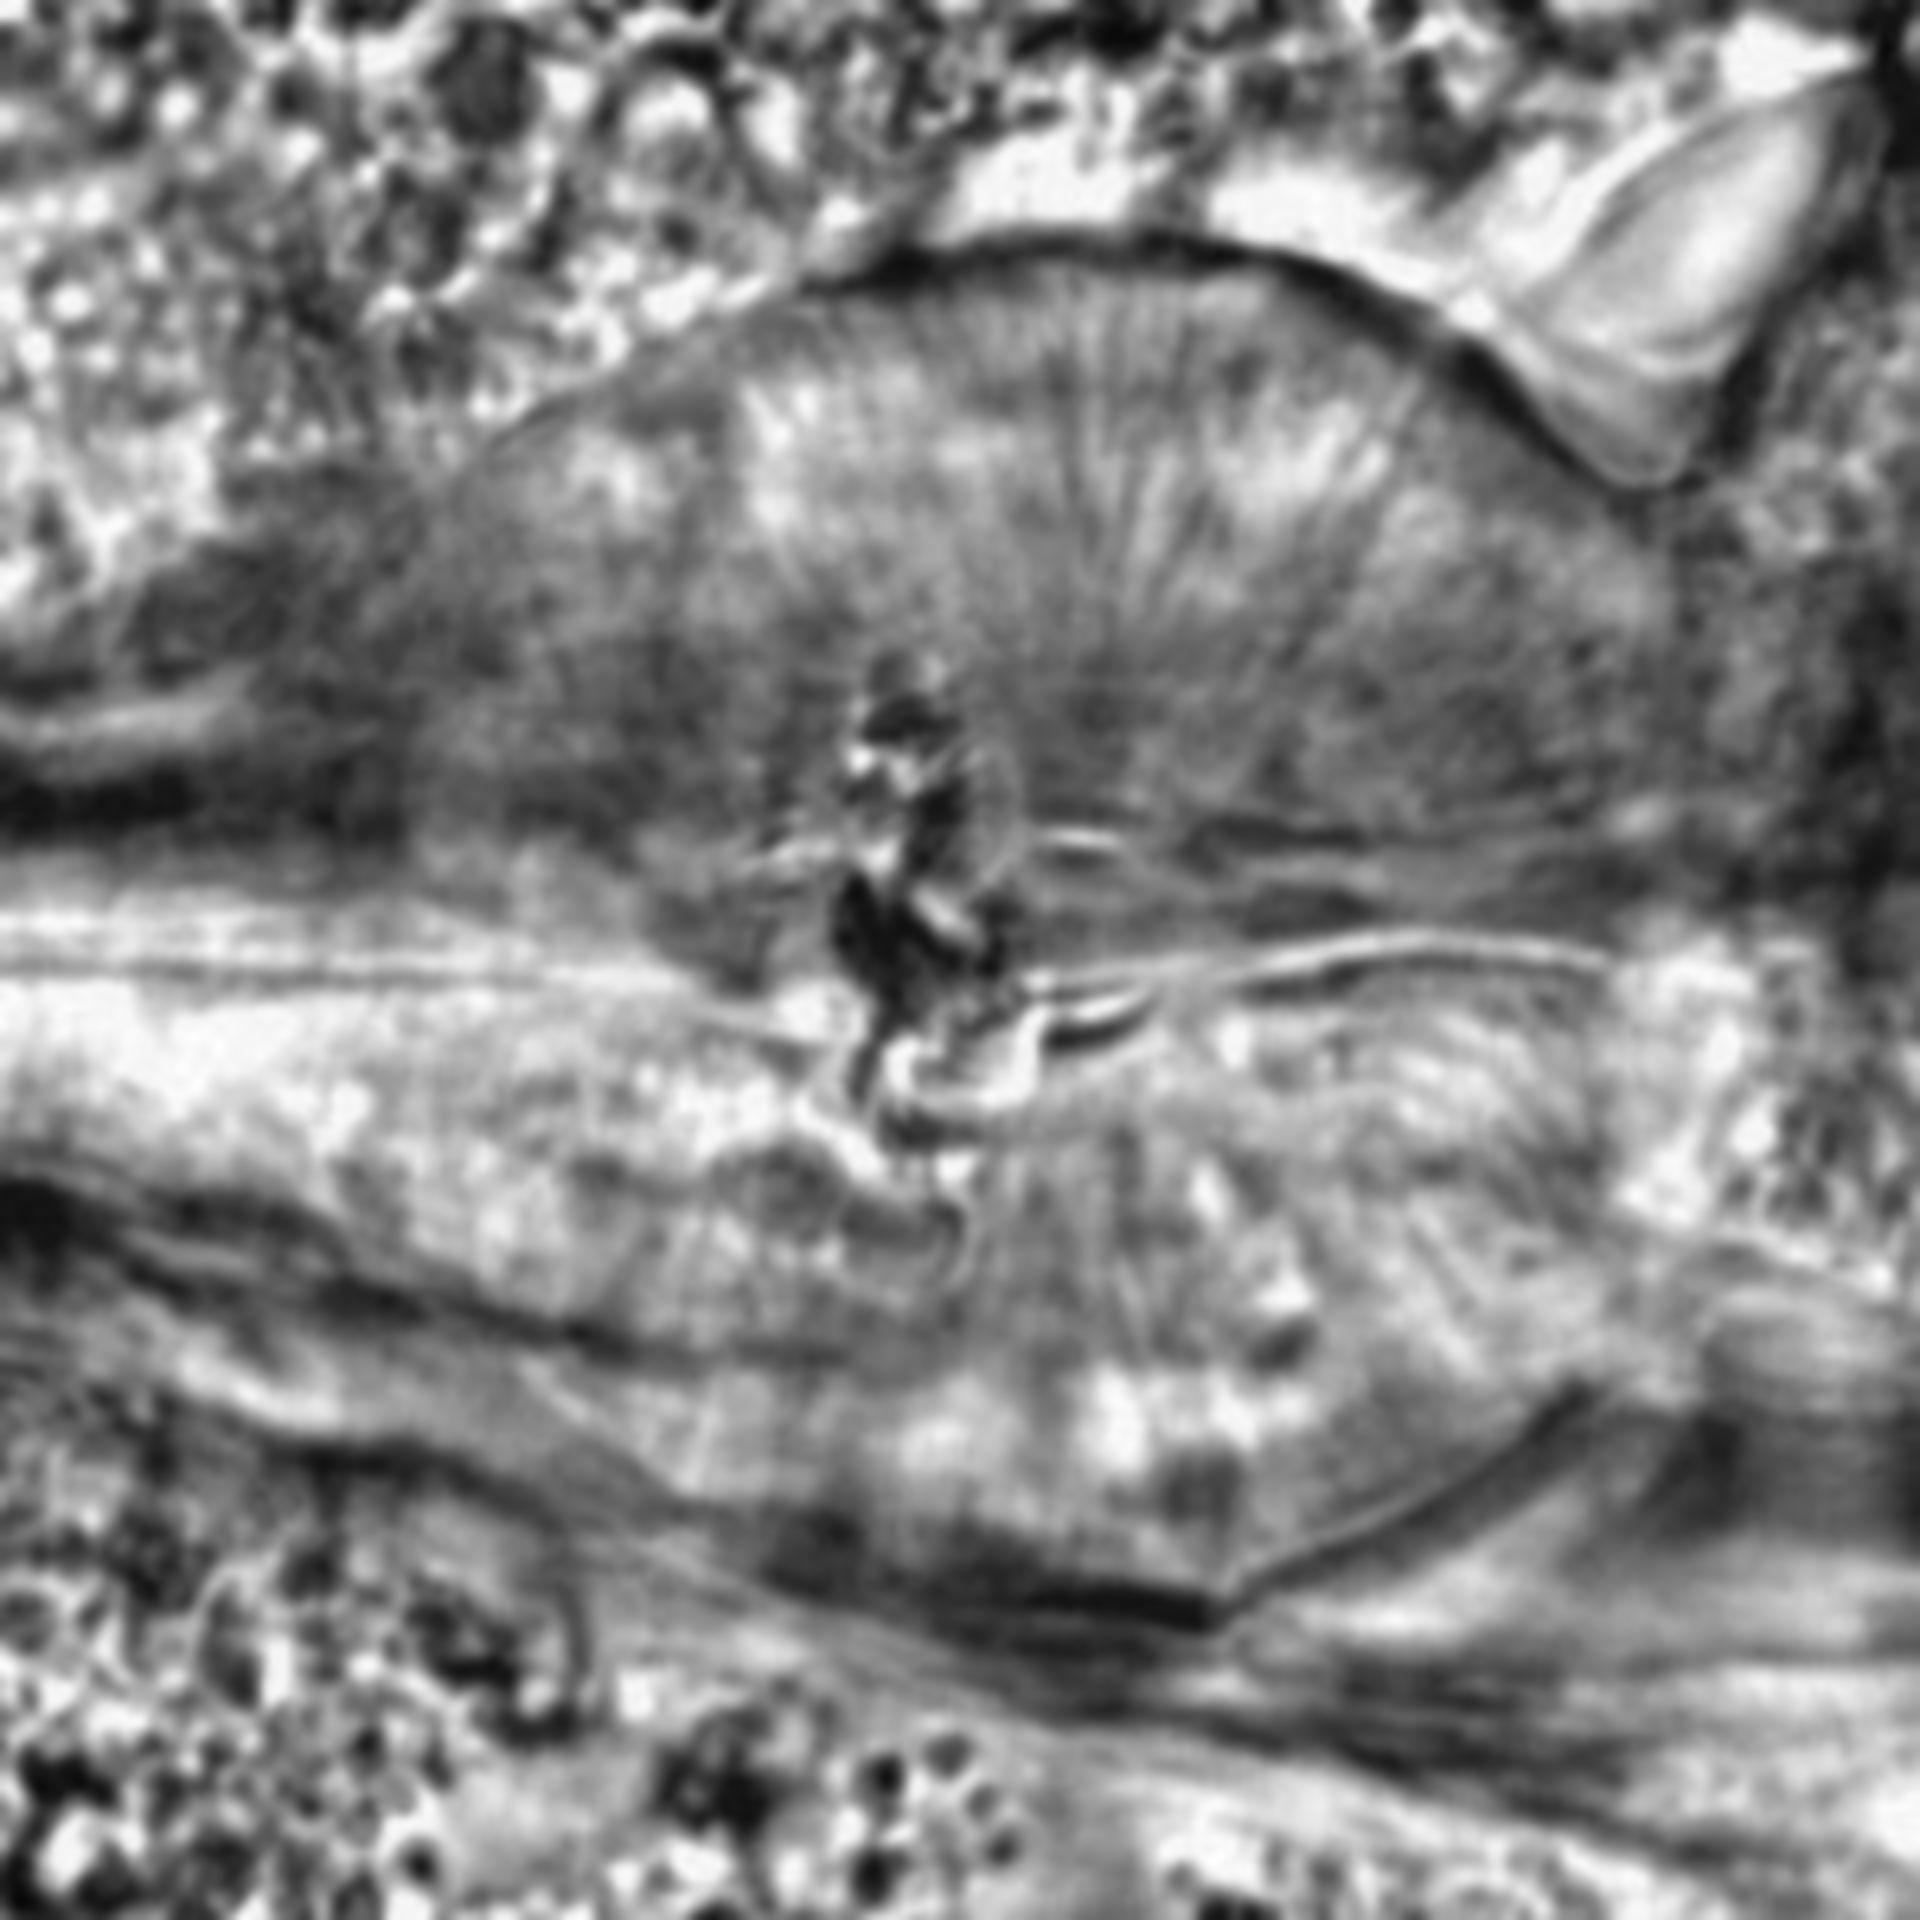 Caenorhabditis elegans - CIL:2189